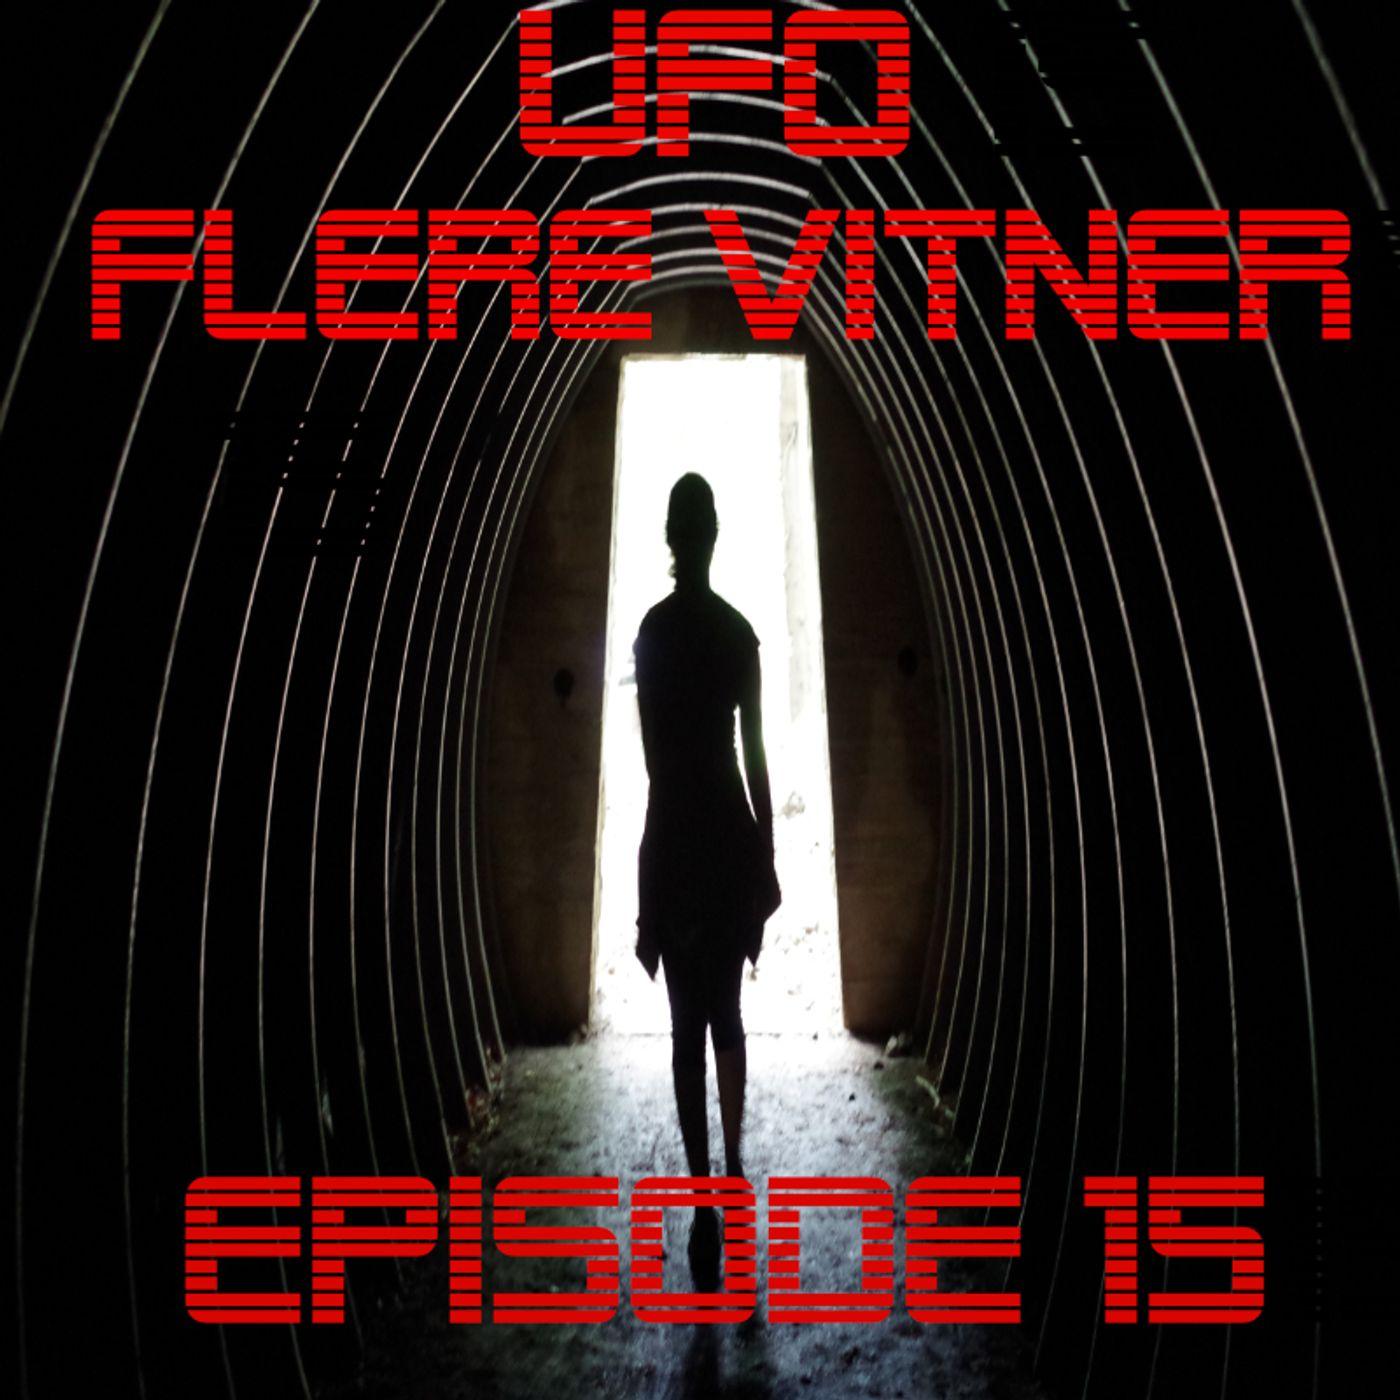 Fra den andre siden Episode15. Ufo - Flere vitner